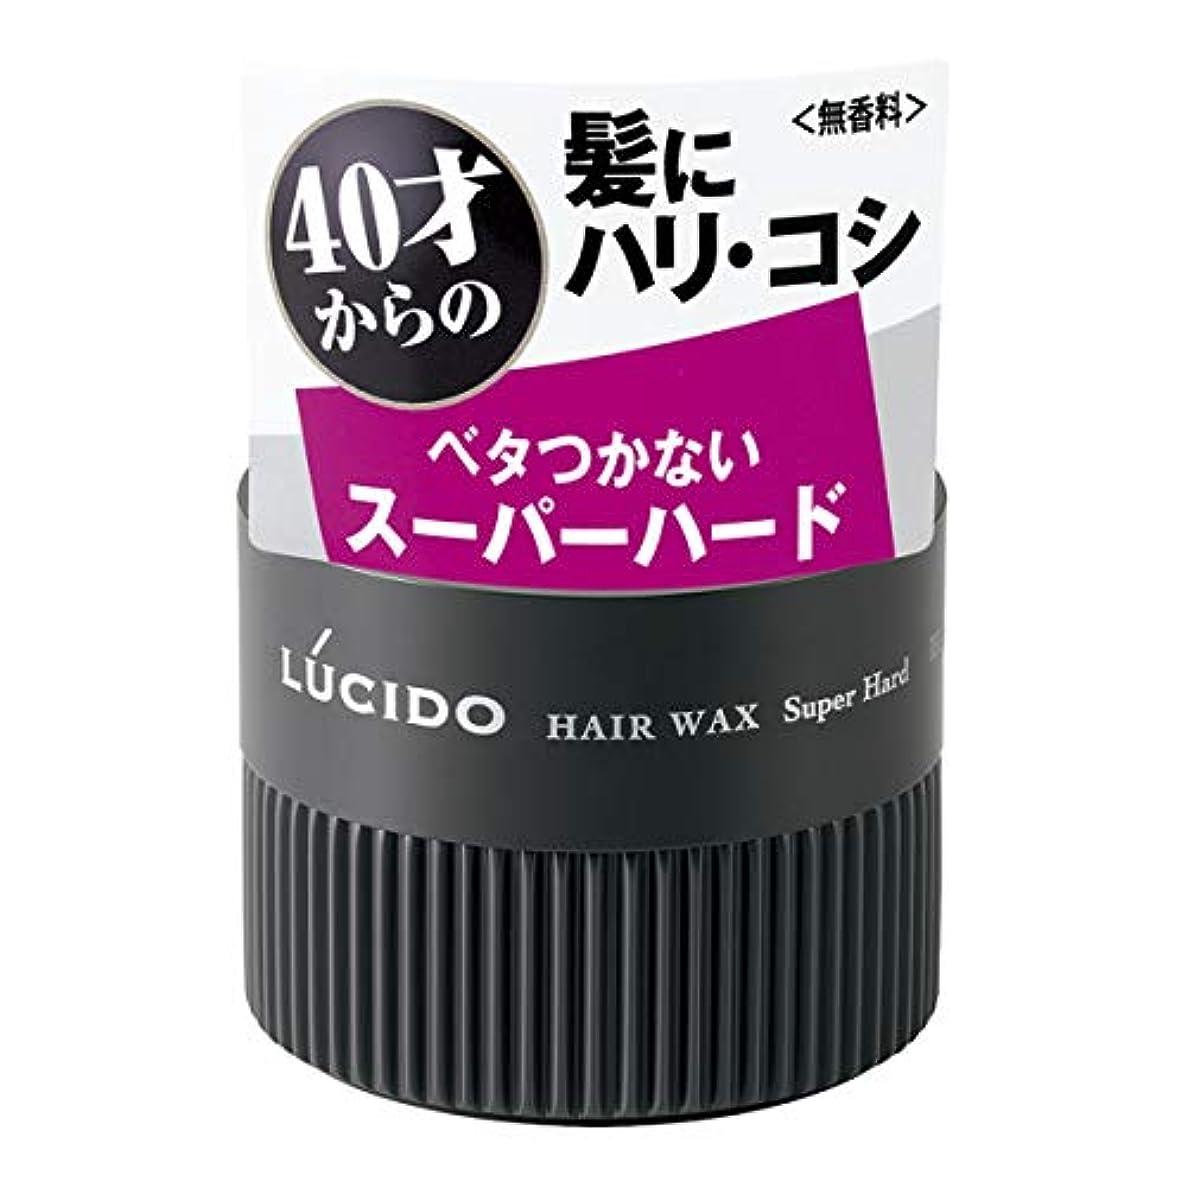 寝室を掃除するアレルギー存在するLUCIDO(ルシード) ヘアワックス スーパーハード 80g